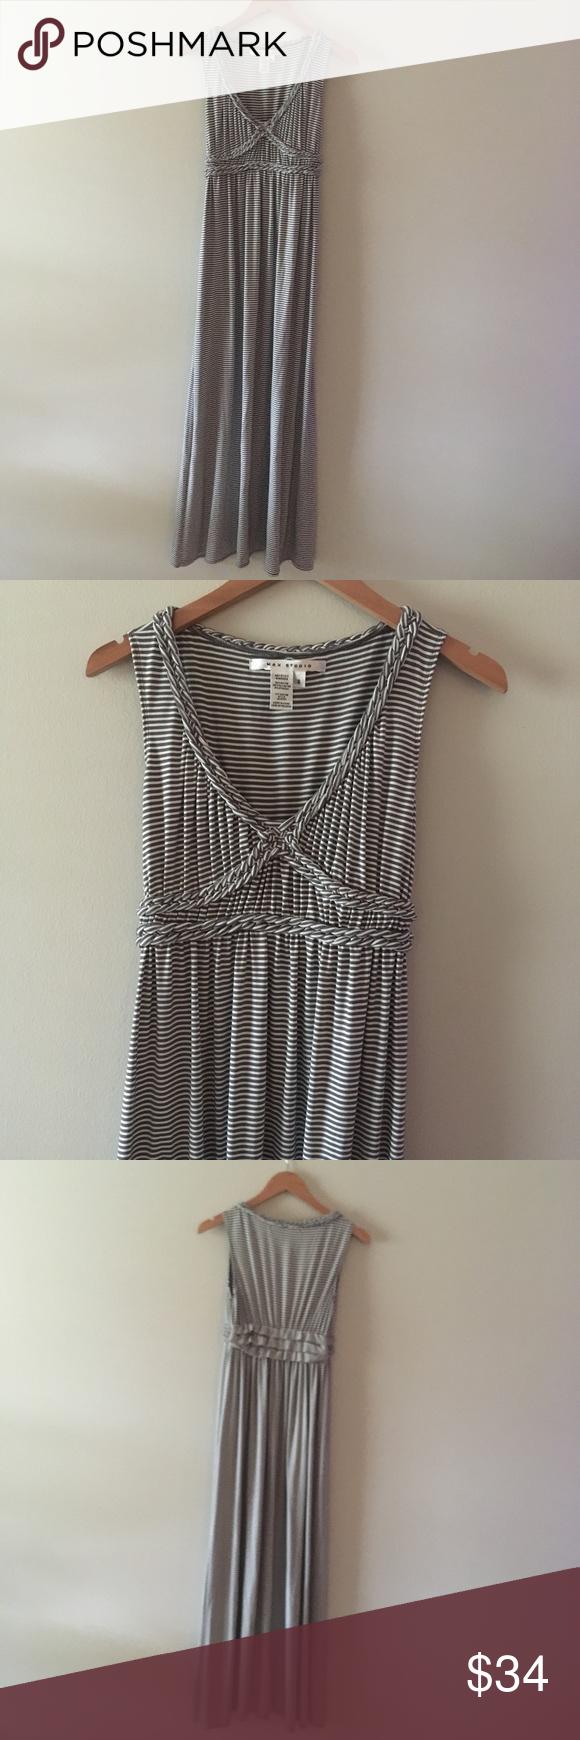 1e936abdc7a Max Studio Grey Striped Maxi Dress Pretty grey   white striped jersey  cotton maxi dress.